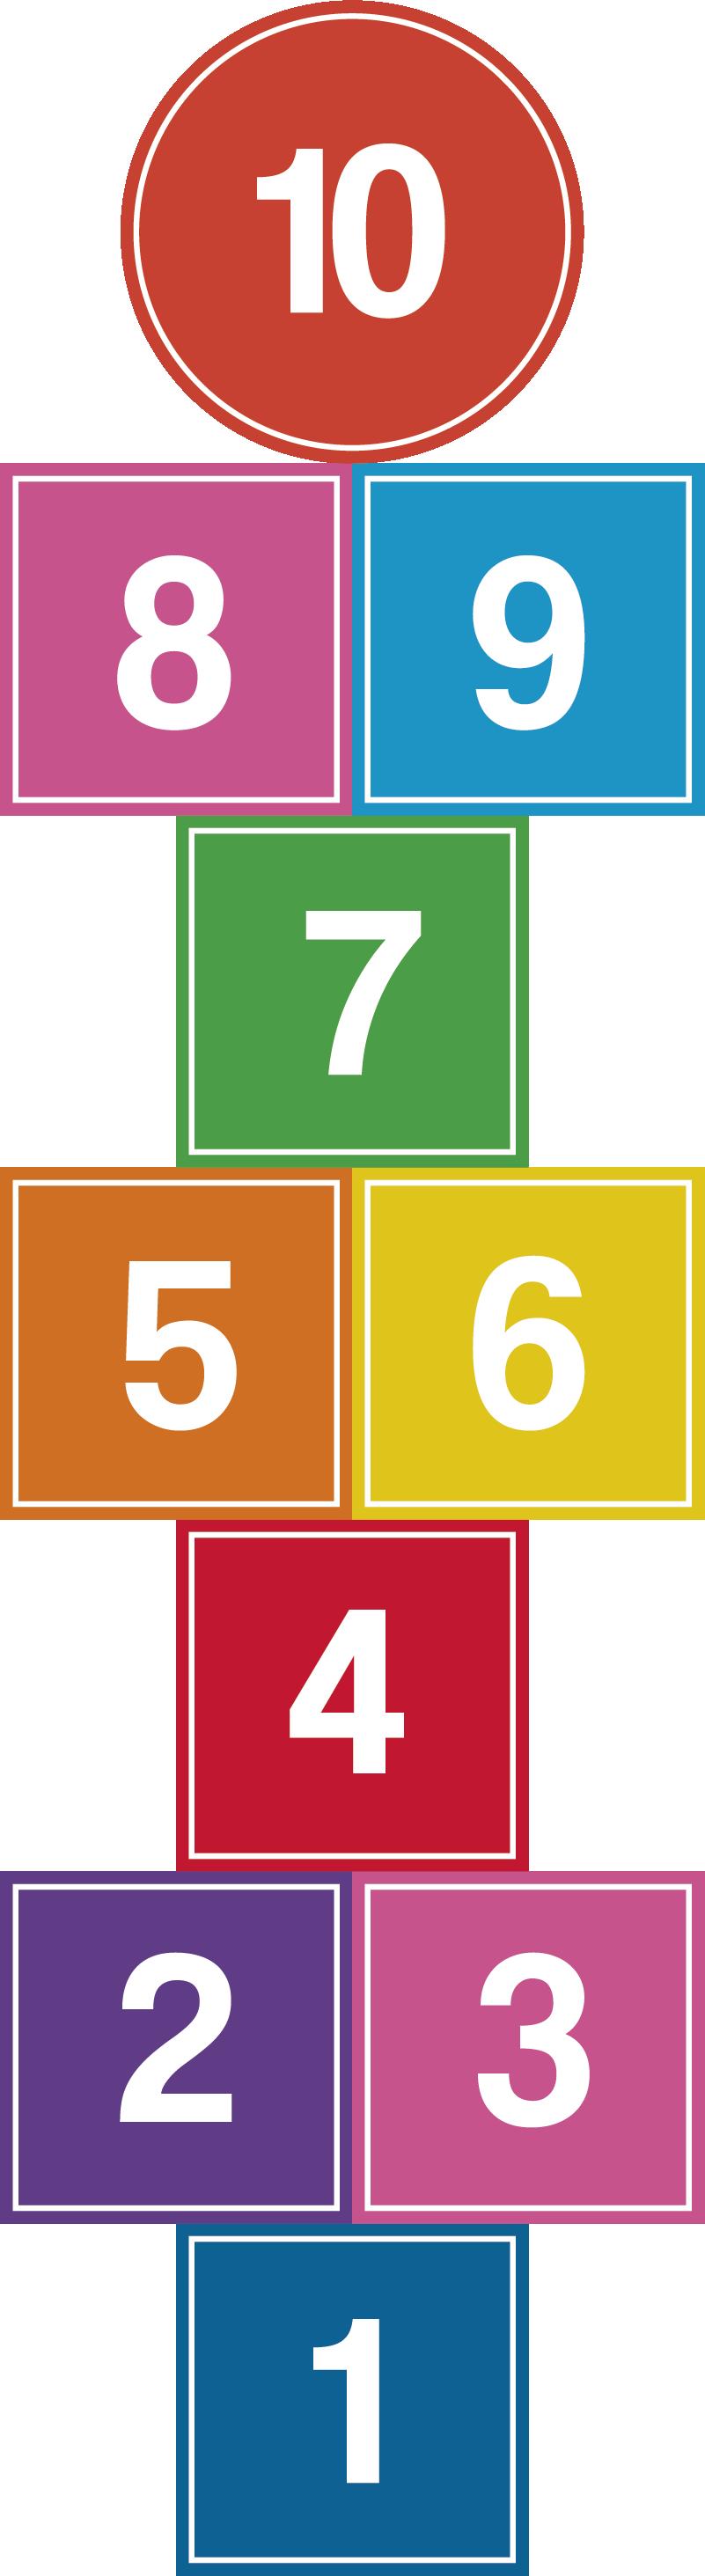 TenVinilo. Vinilo infantil rayuela colorida. Colorido vinilo adhesivo para el suelo de una habitación infantil formado por el diseño del juego de la rayuela. Envío Express en 24/48h